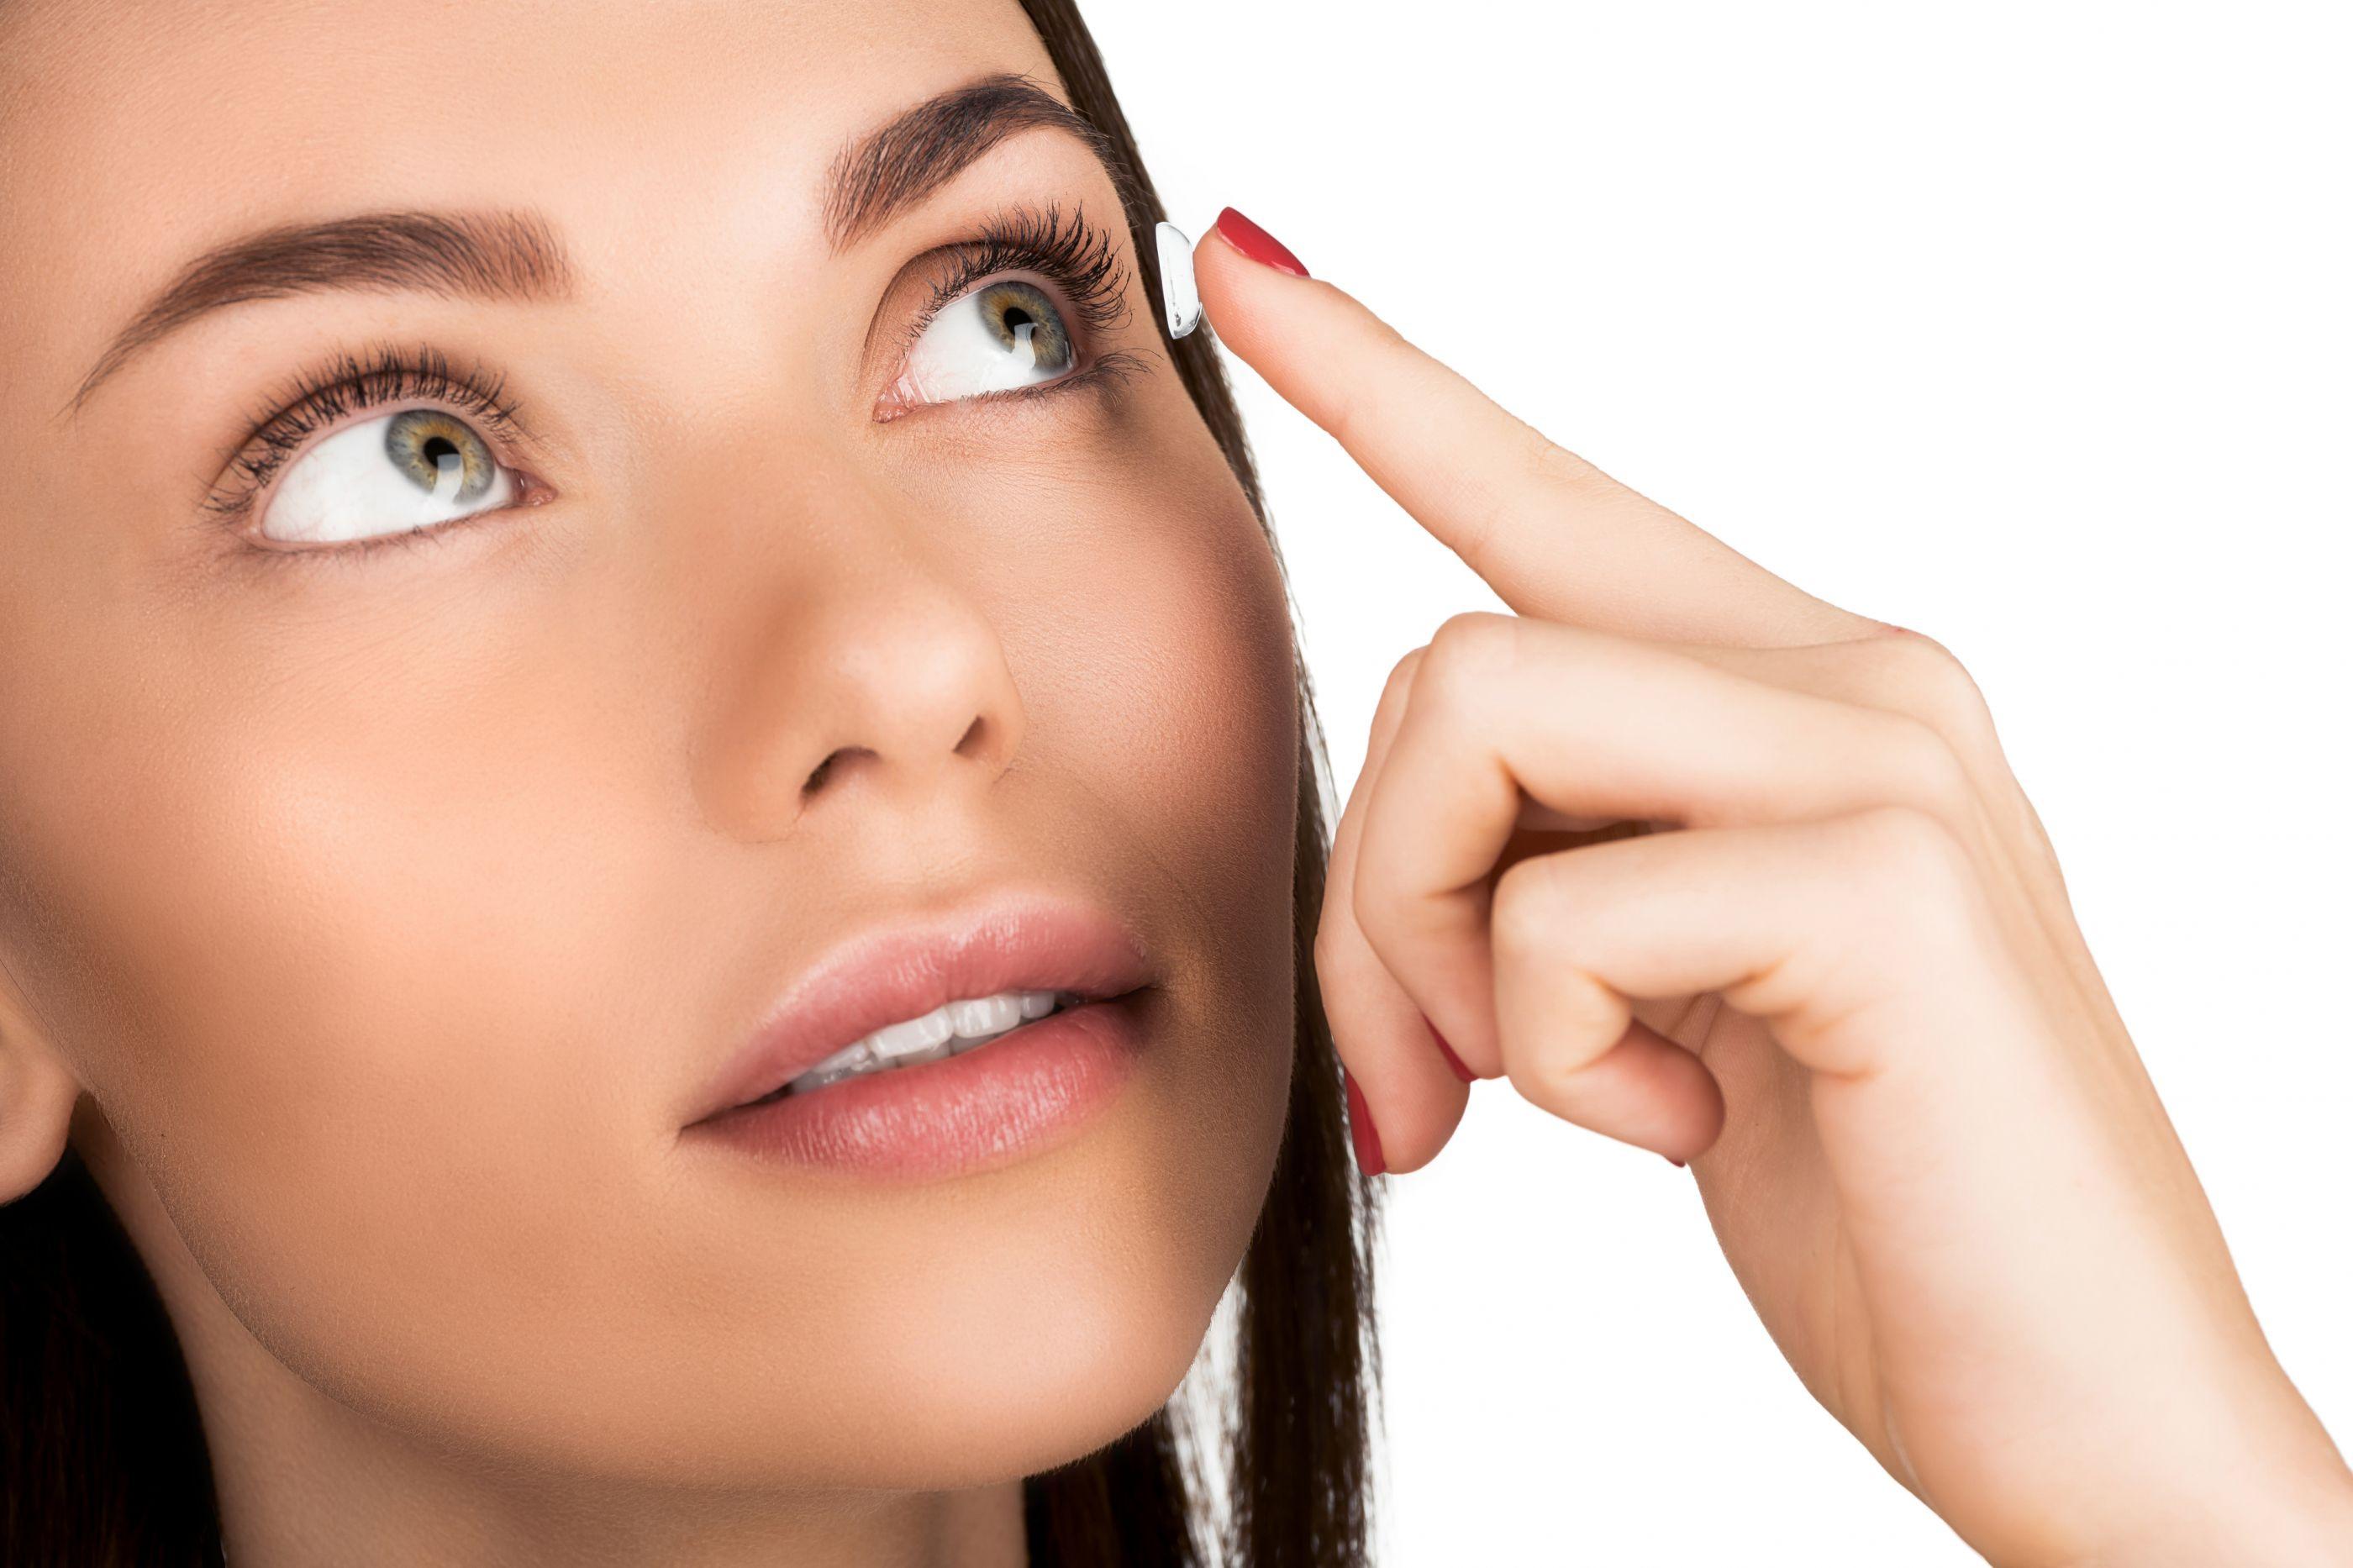 Usa lentes de contacto? Esta infeção pode causar cegueira e perda do olho